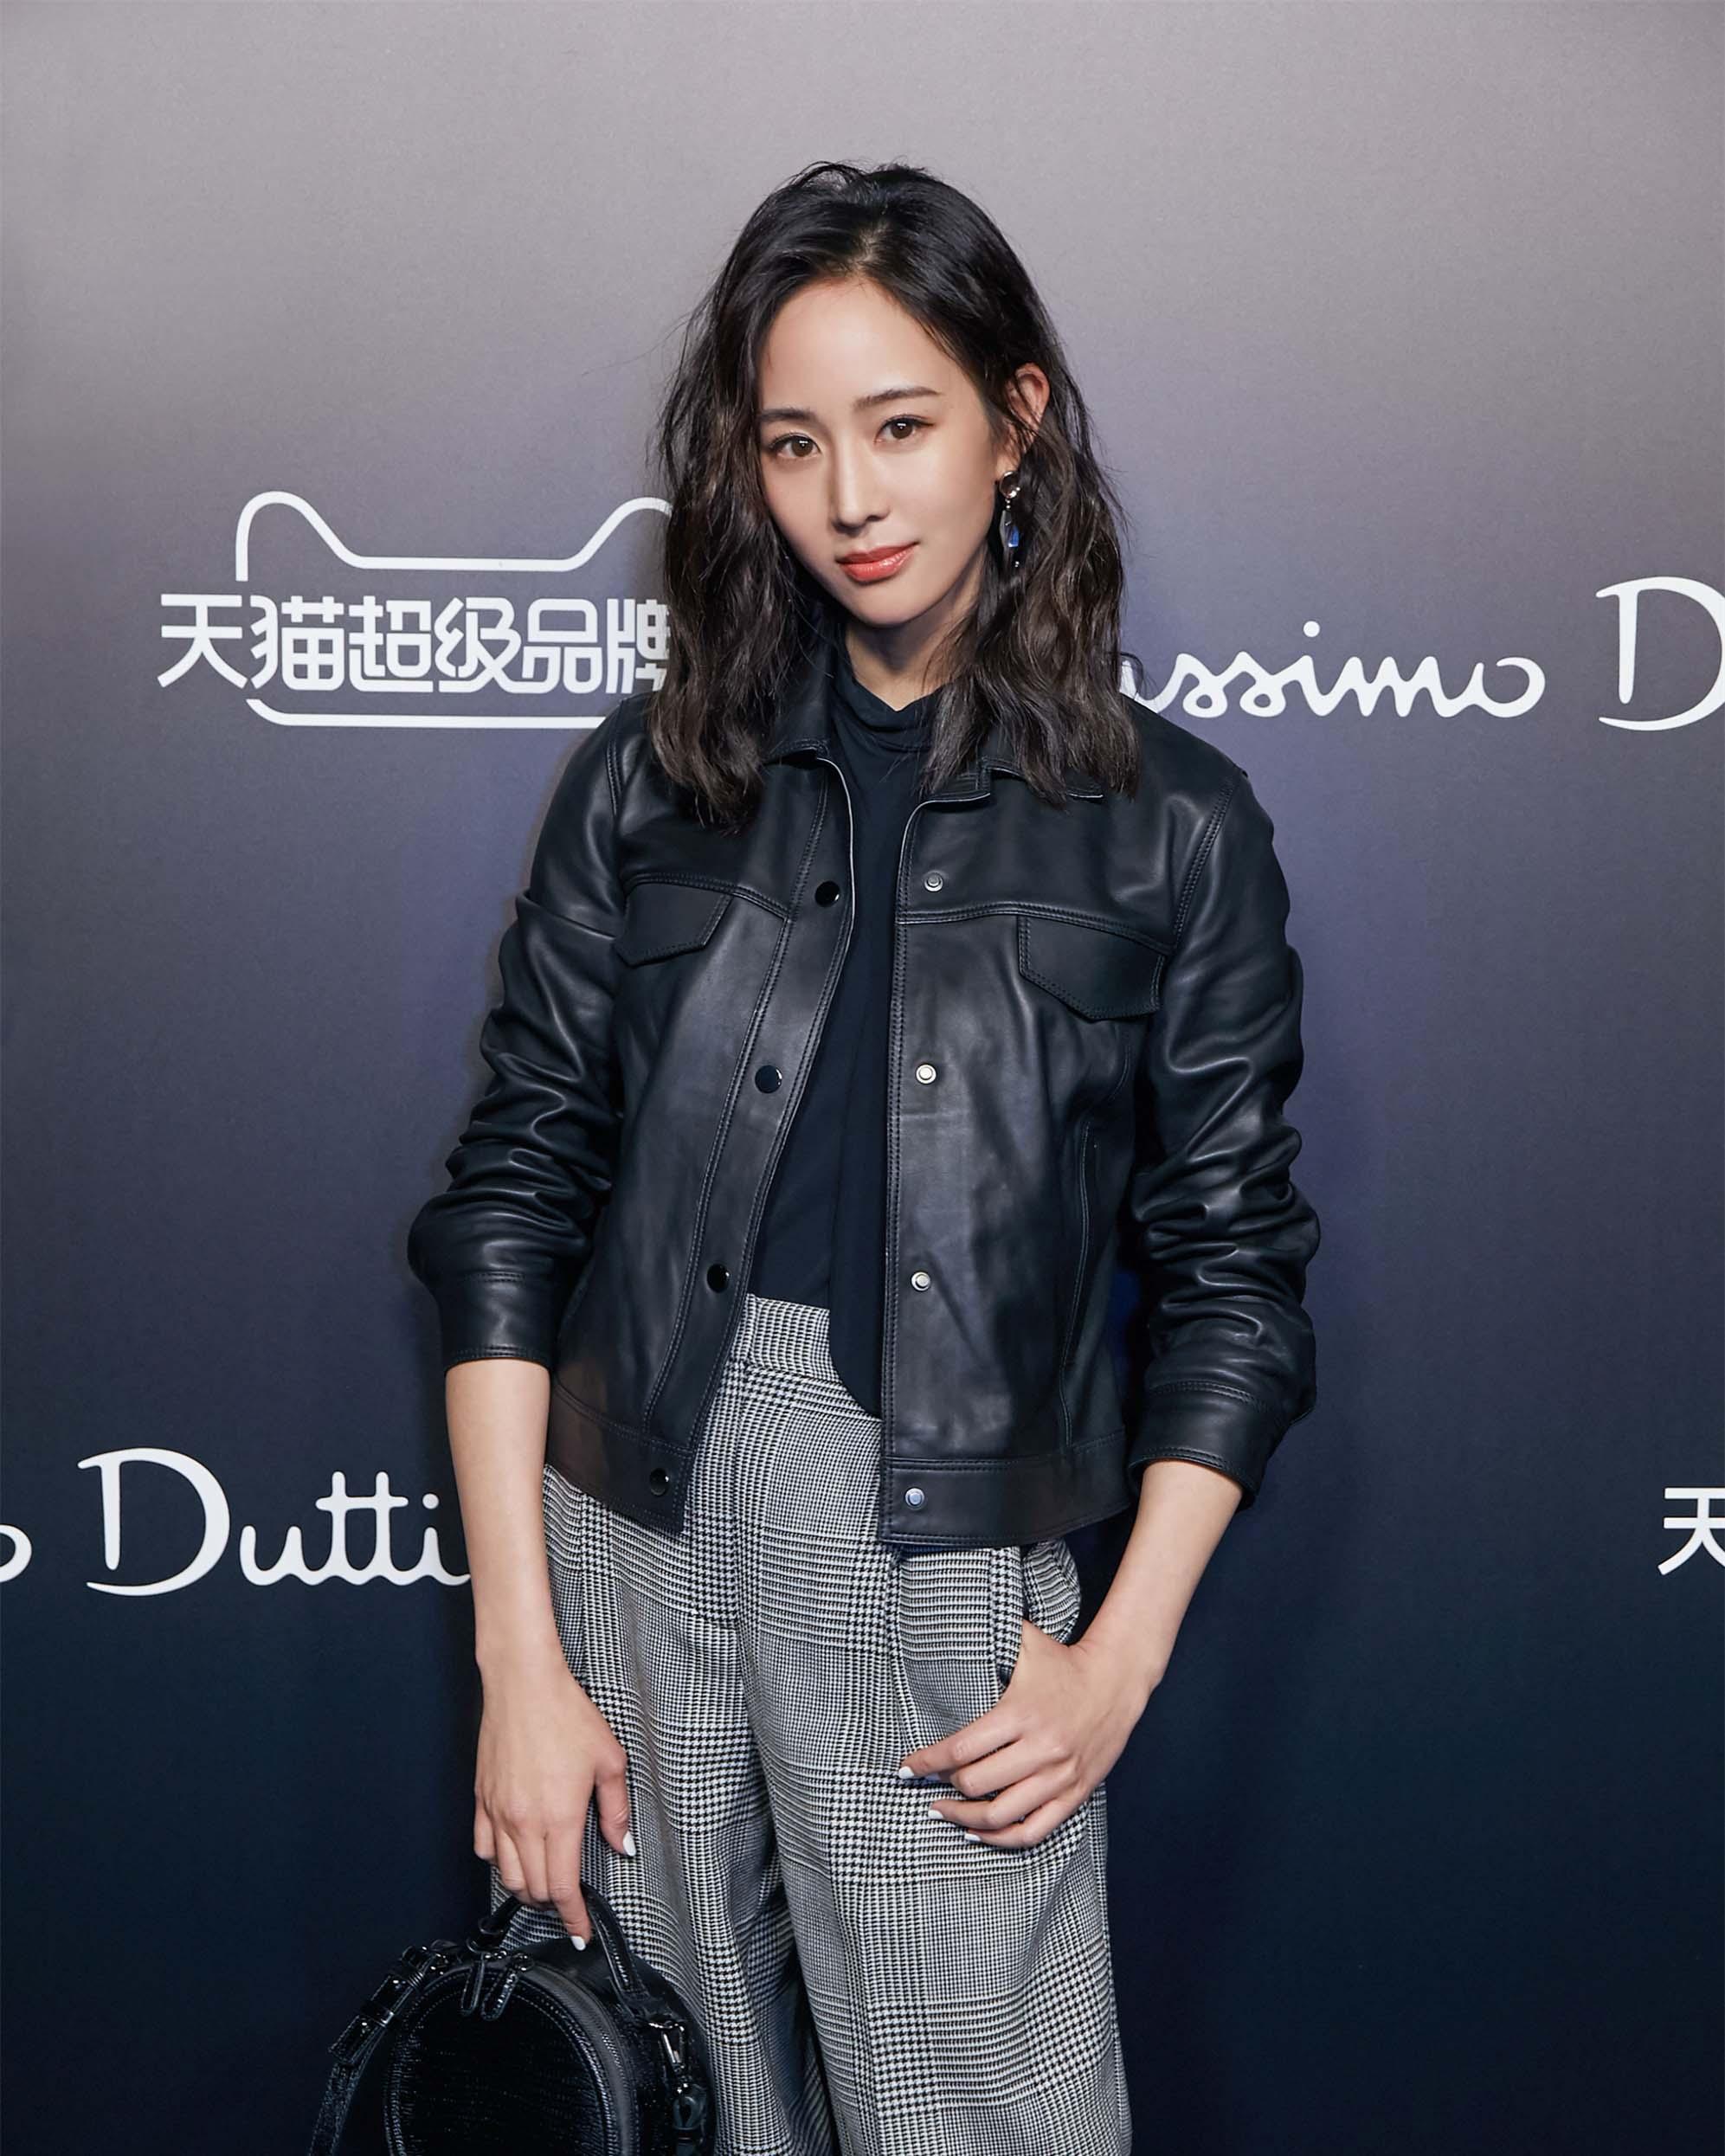 张钧甯出席品牌秋冬时装秀 可盐可甜变身帅气酷girl